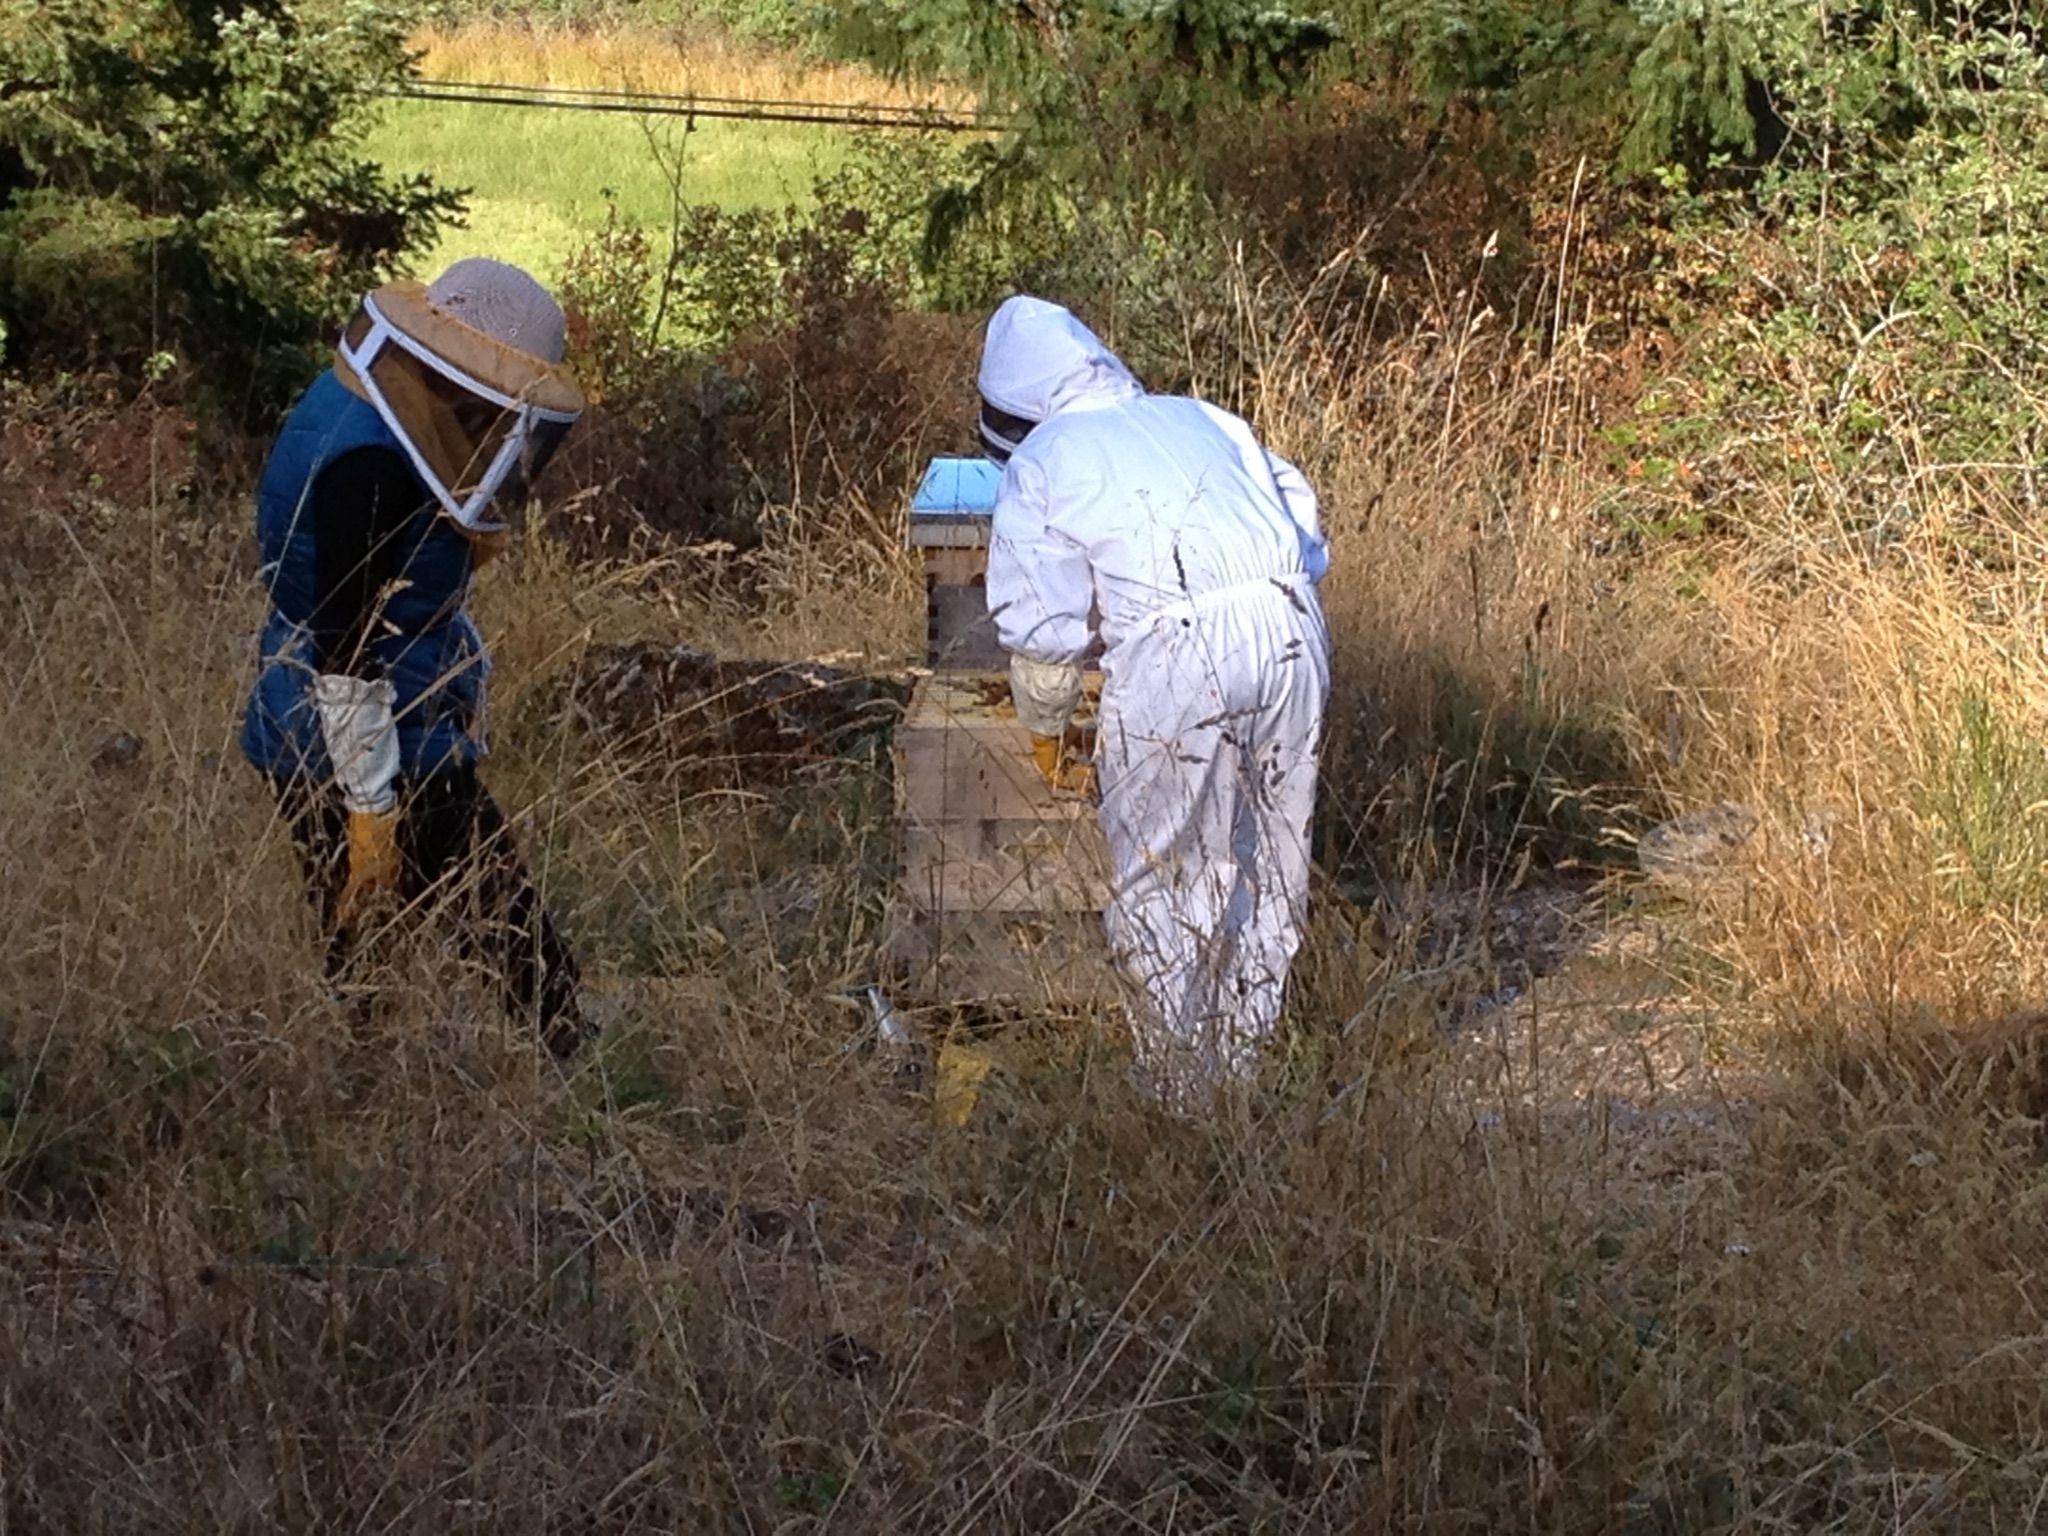 Checking hives